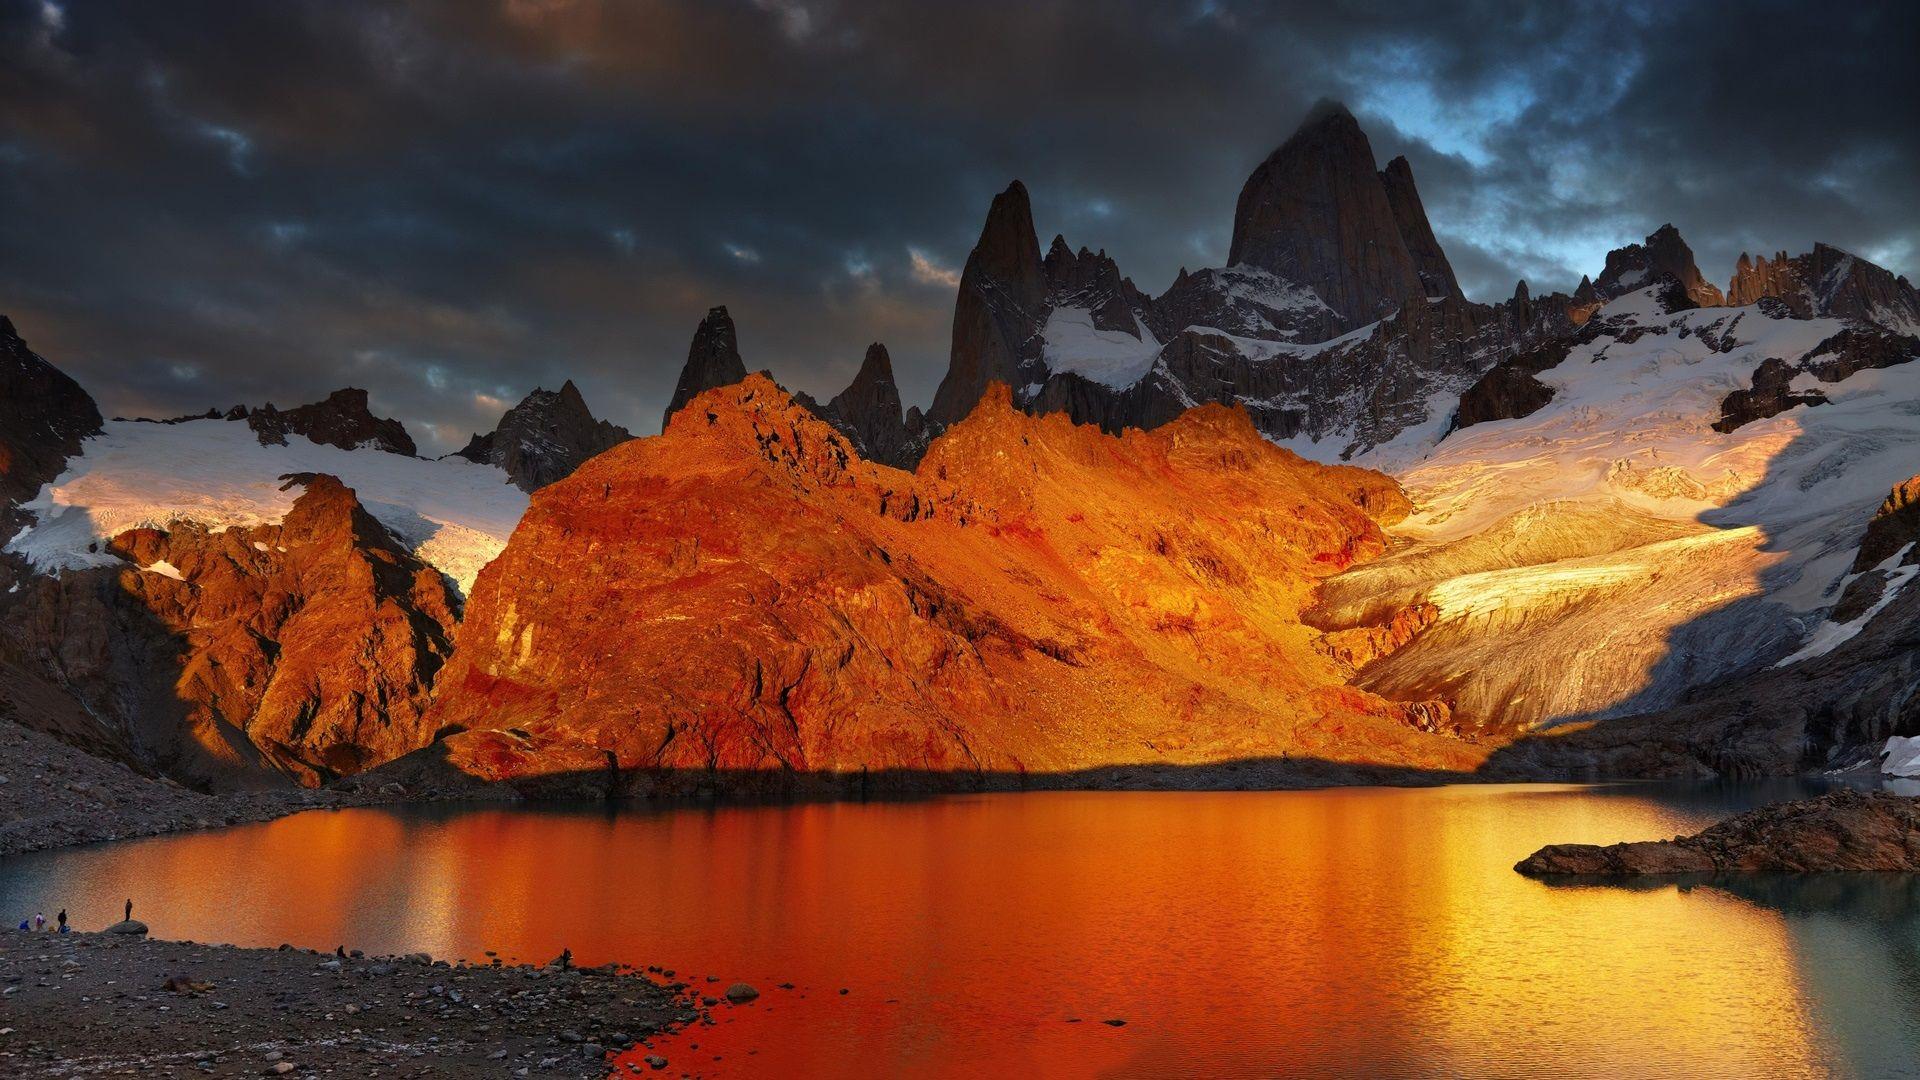 Montañas Nevadas En La Patagonia: Patagonia, Argentina, Lago, Montaña, Amanecer, Nieve